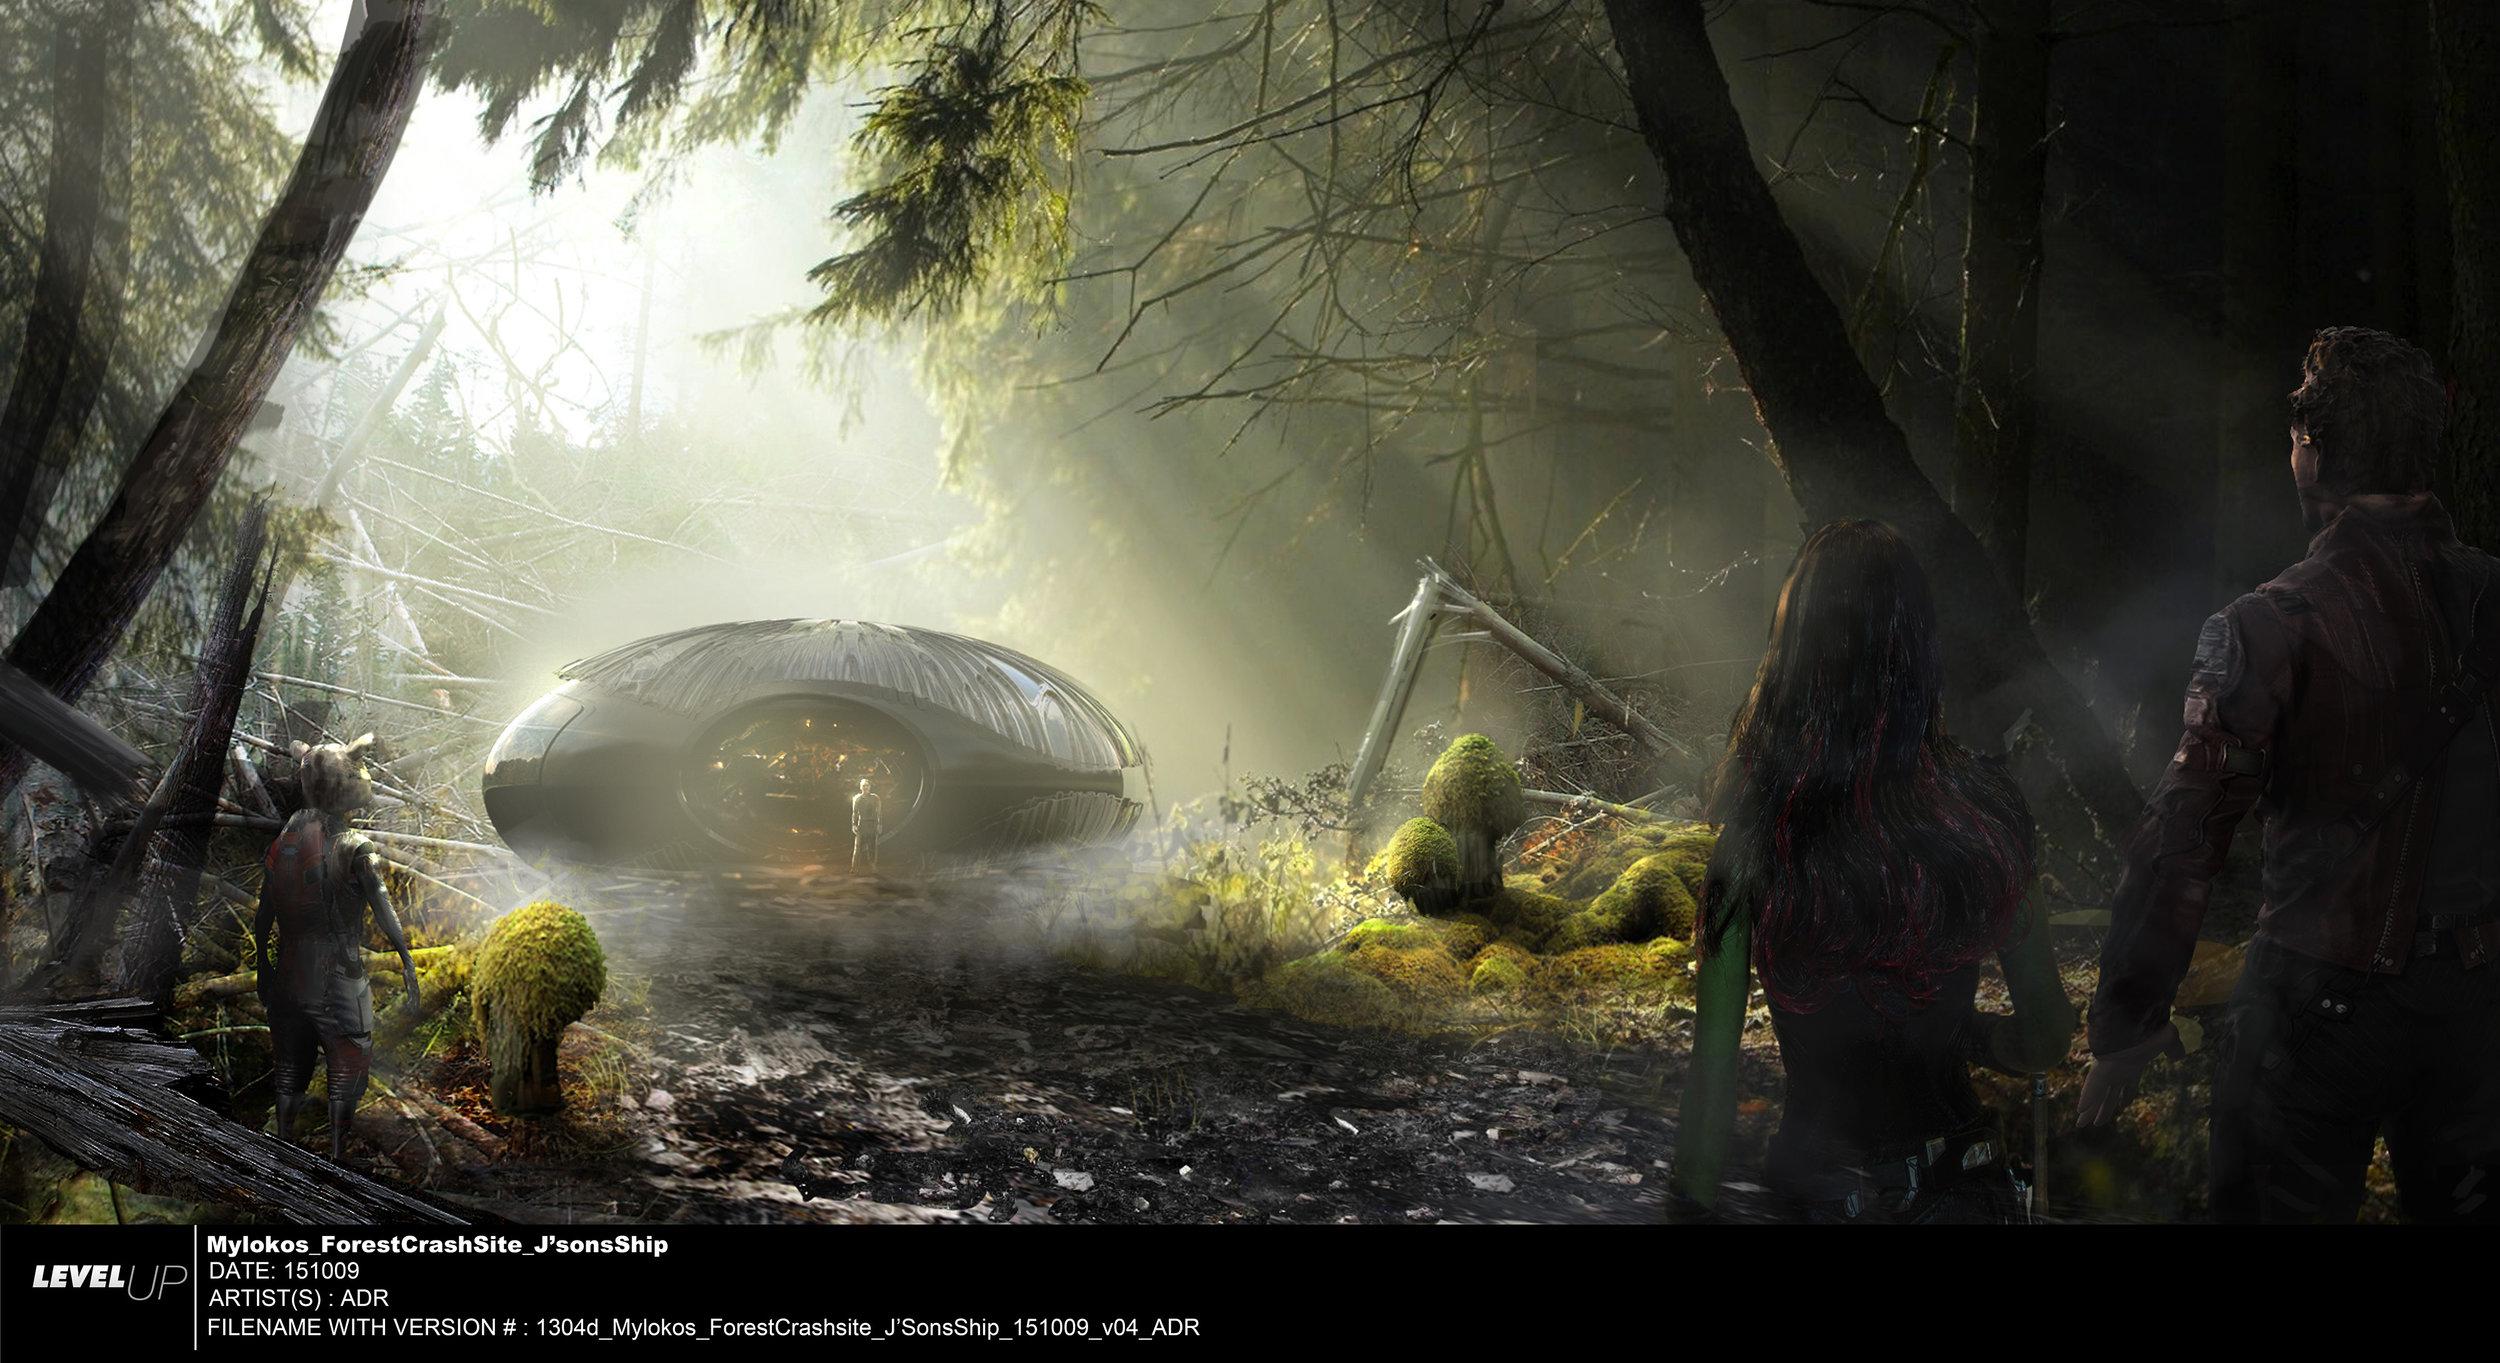 1304_Set_Mylokos_ForestCrashsite_J'SonsShip_151009_v06_ADR.jpg